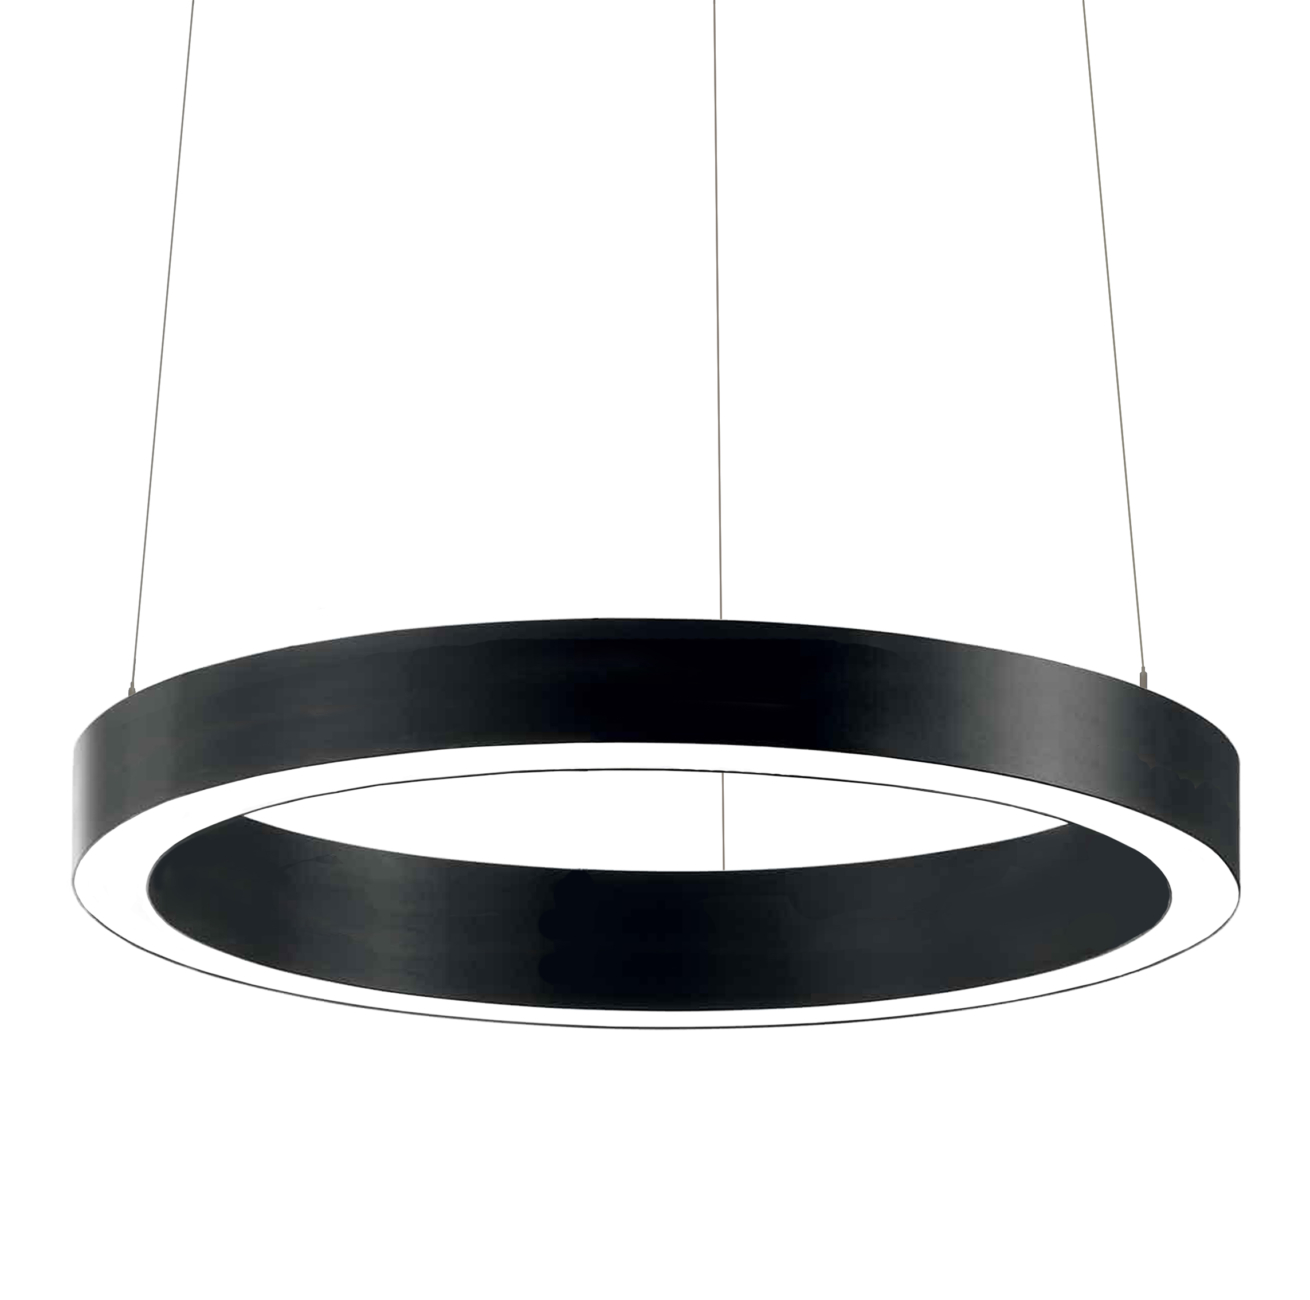 Светильник Ring 5060-300мм. 4000К/3000К. 11W/24W купить в Химках